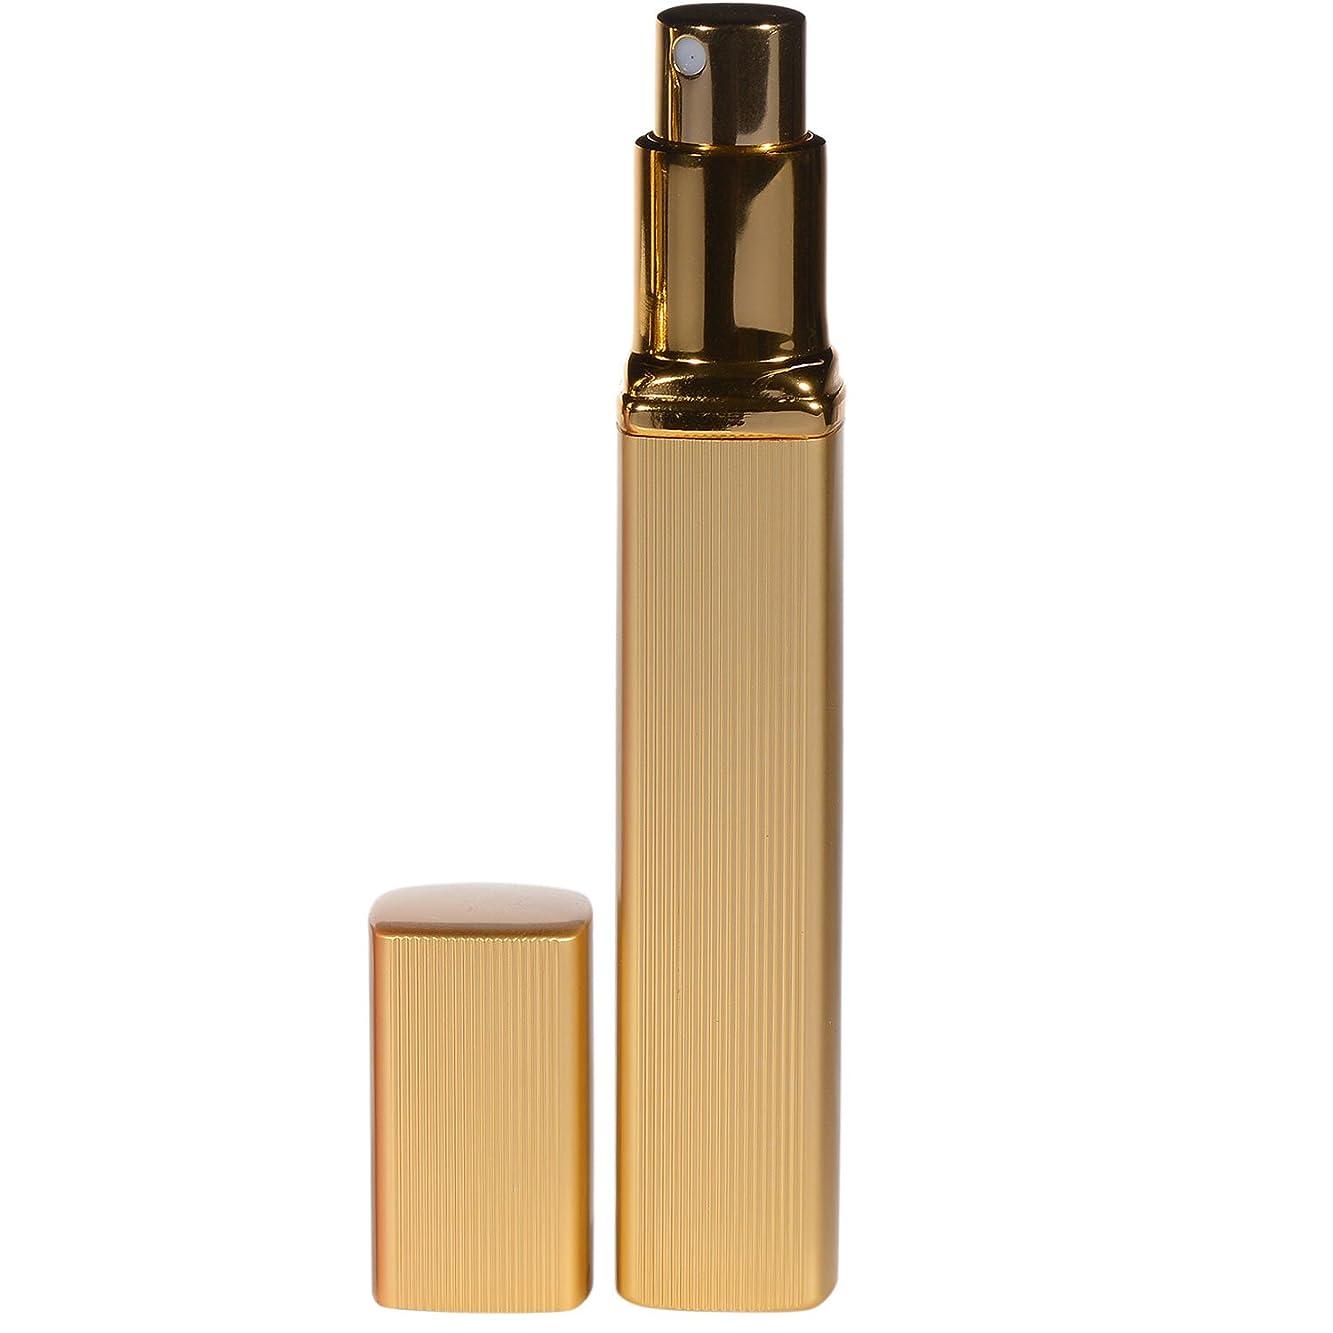 プレゼン物質スカープ大人香るアトマイザー  男女兼用 メンズ レディース かわいい ロート付き アトマイザー 香水瓶 噴霧器 香水吹き 詰め替え 12ml (1個, ゴールド)